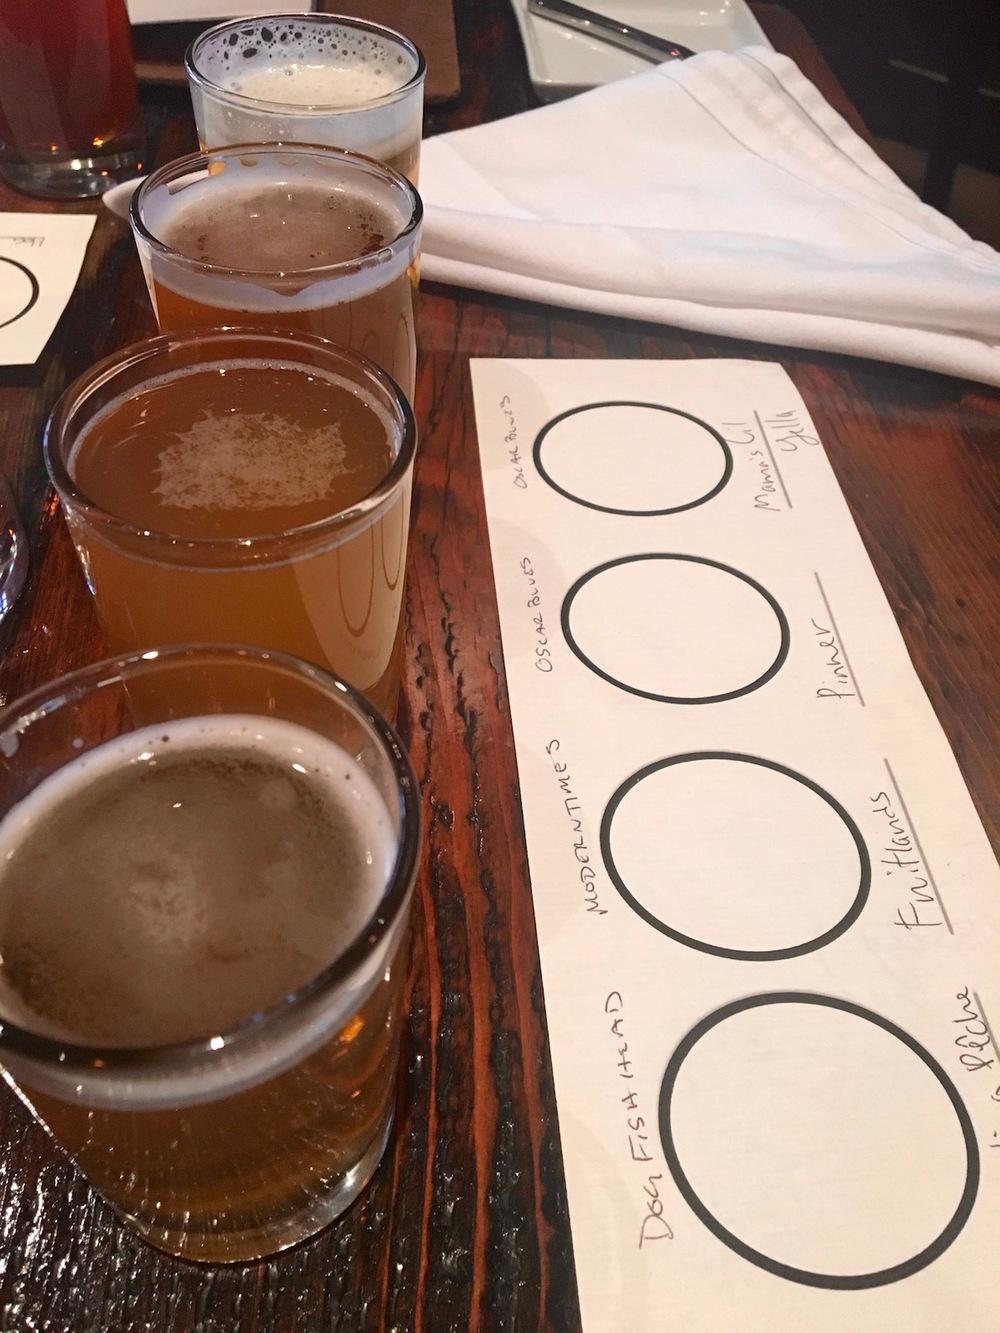 Trokay beer tasting